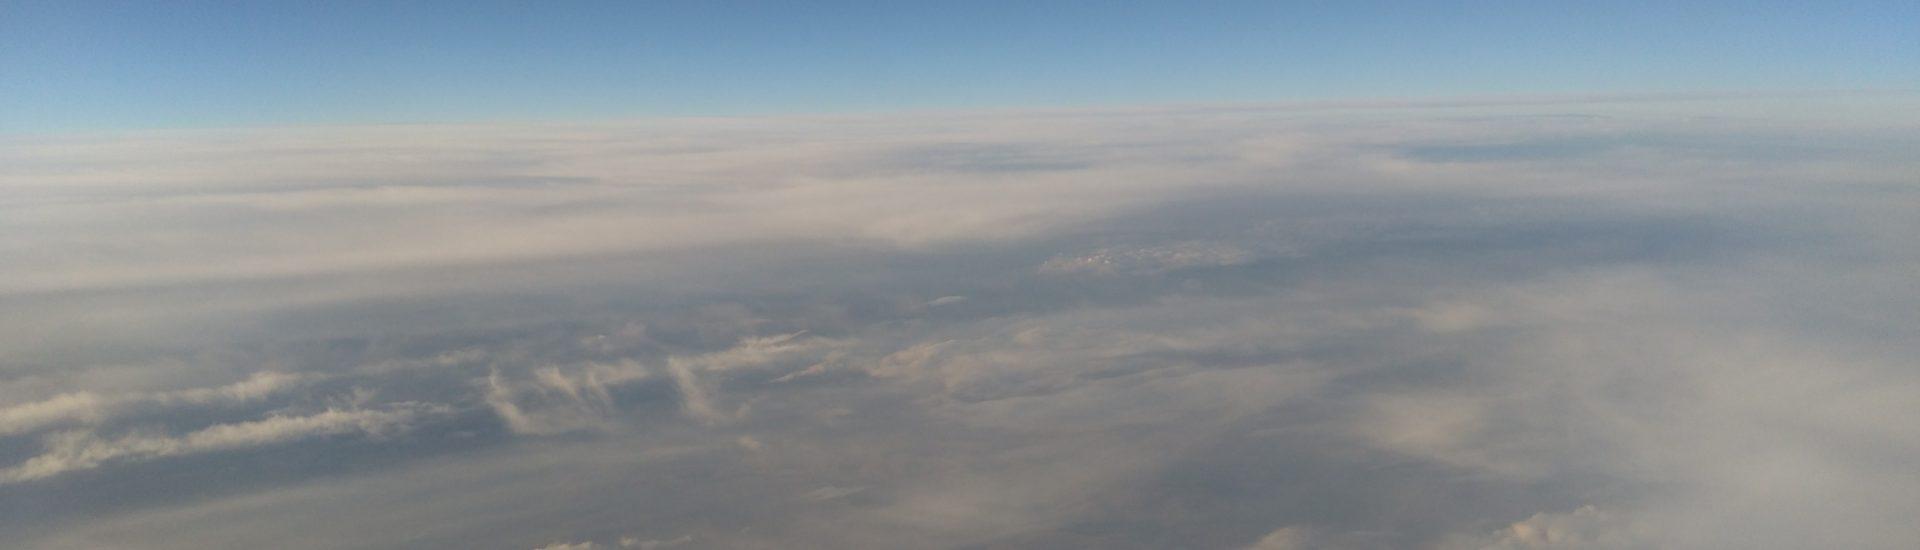 Clouds in Flight